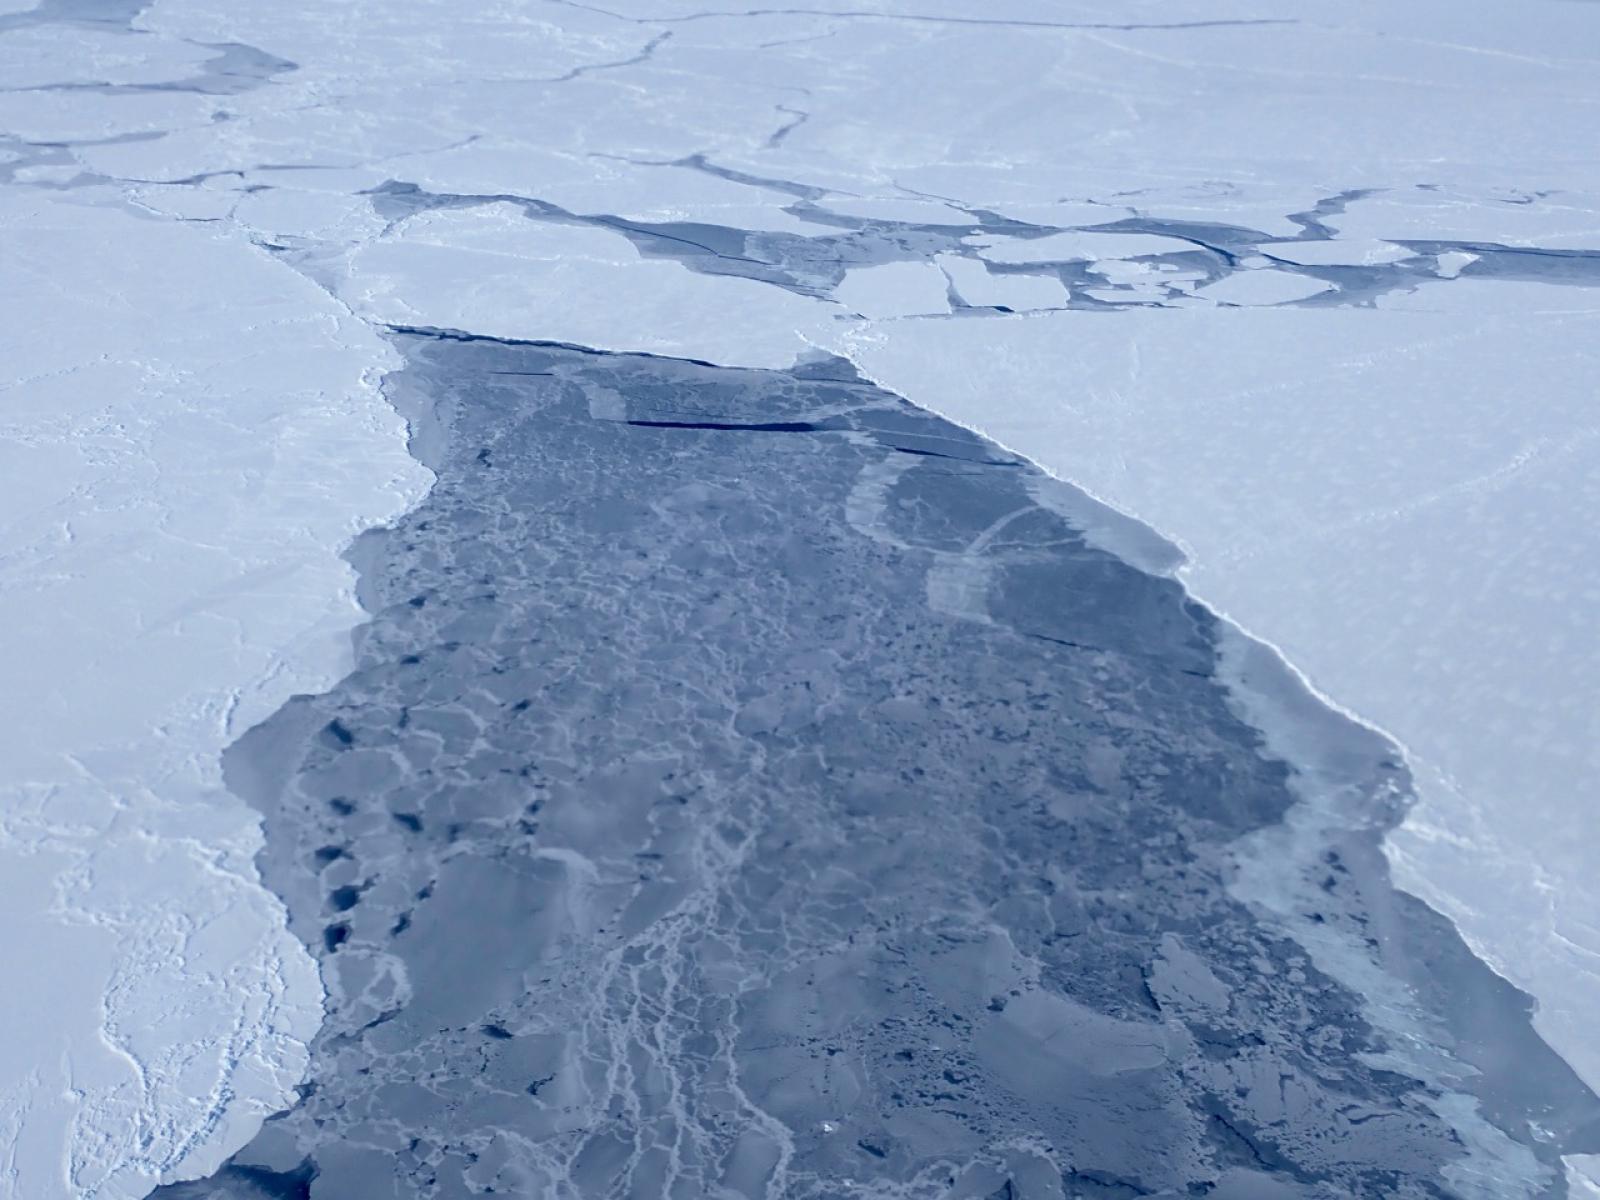 Obertura a la capa de gel fotografiada el 14 d'abril de 2018